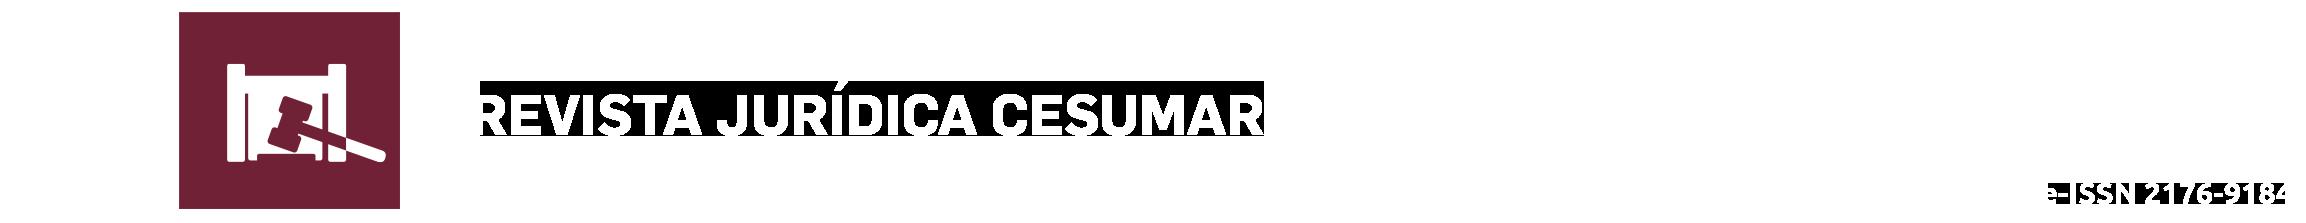 Revista Jurídica Cesumar